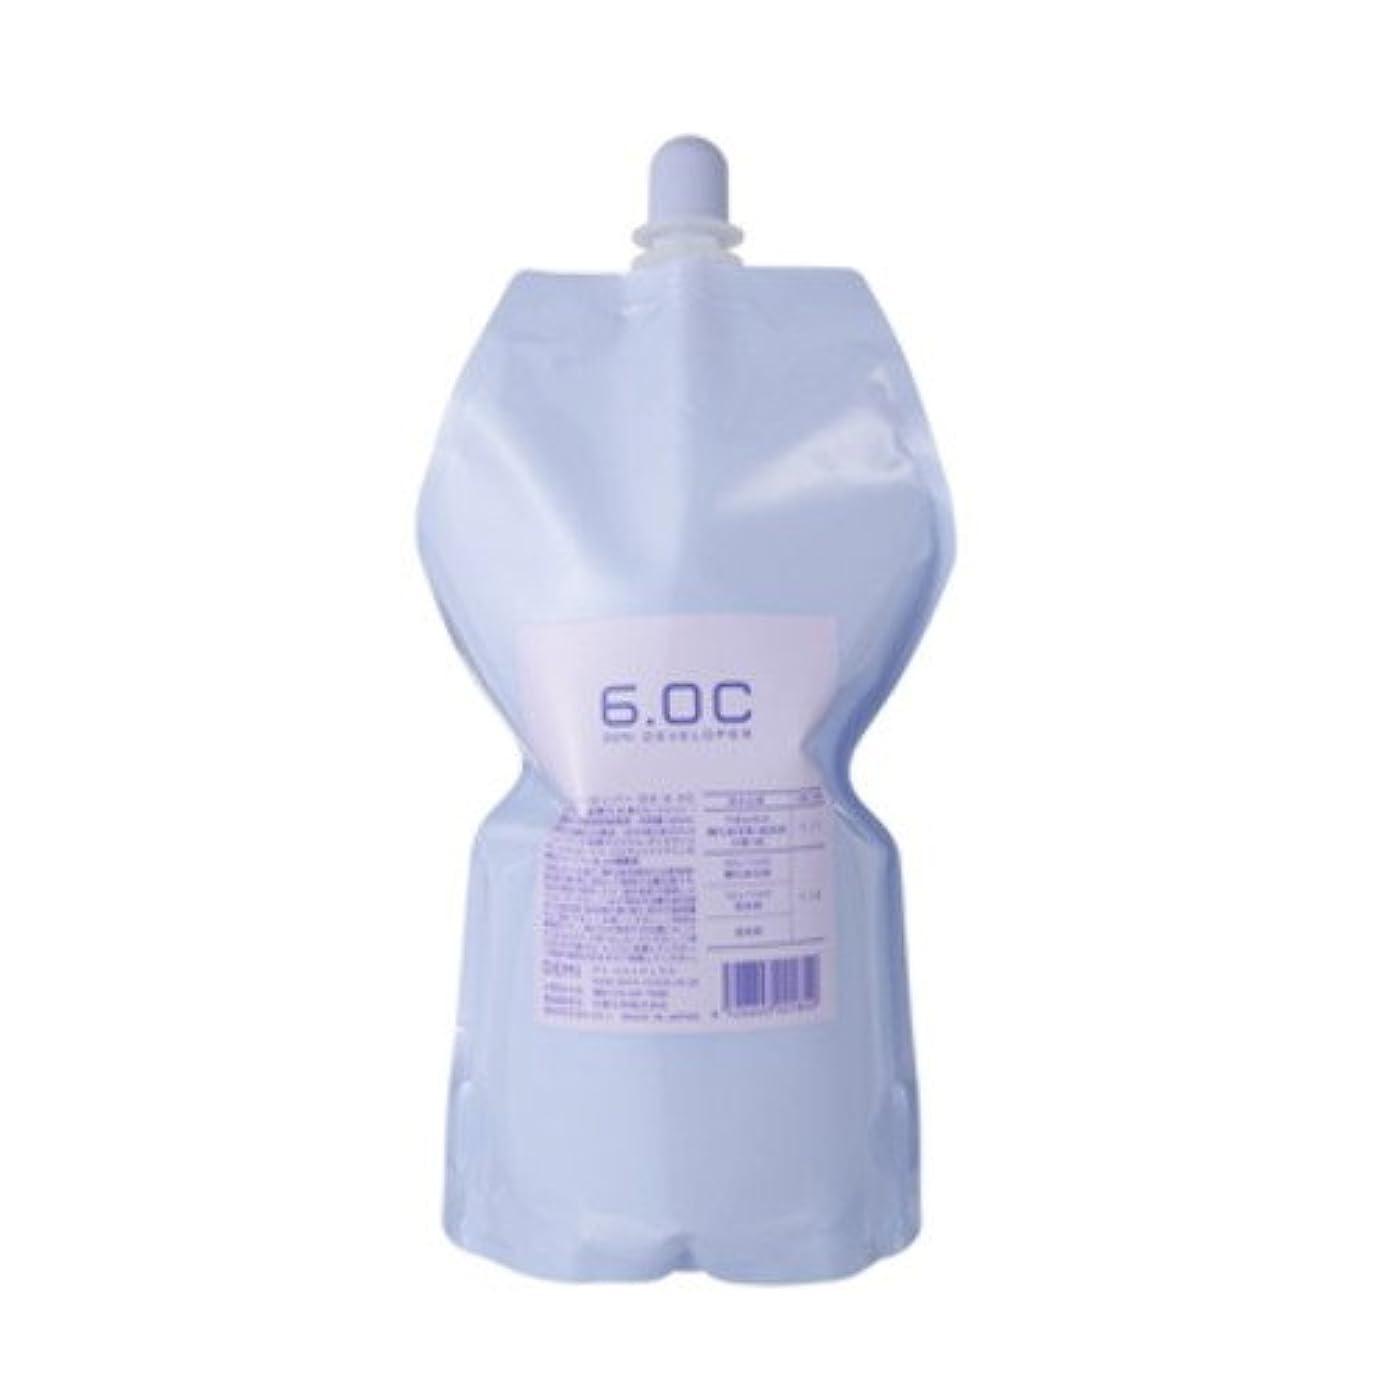 二年生好きであるリフレッシュデミ ディベロッパー オキシ 6.0%(2剤)